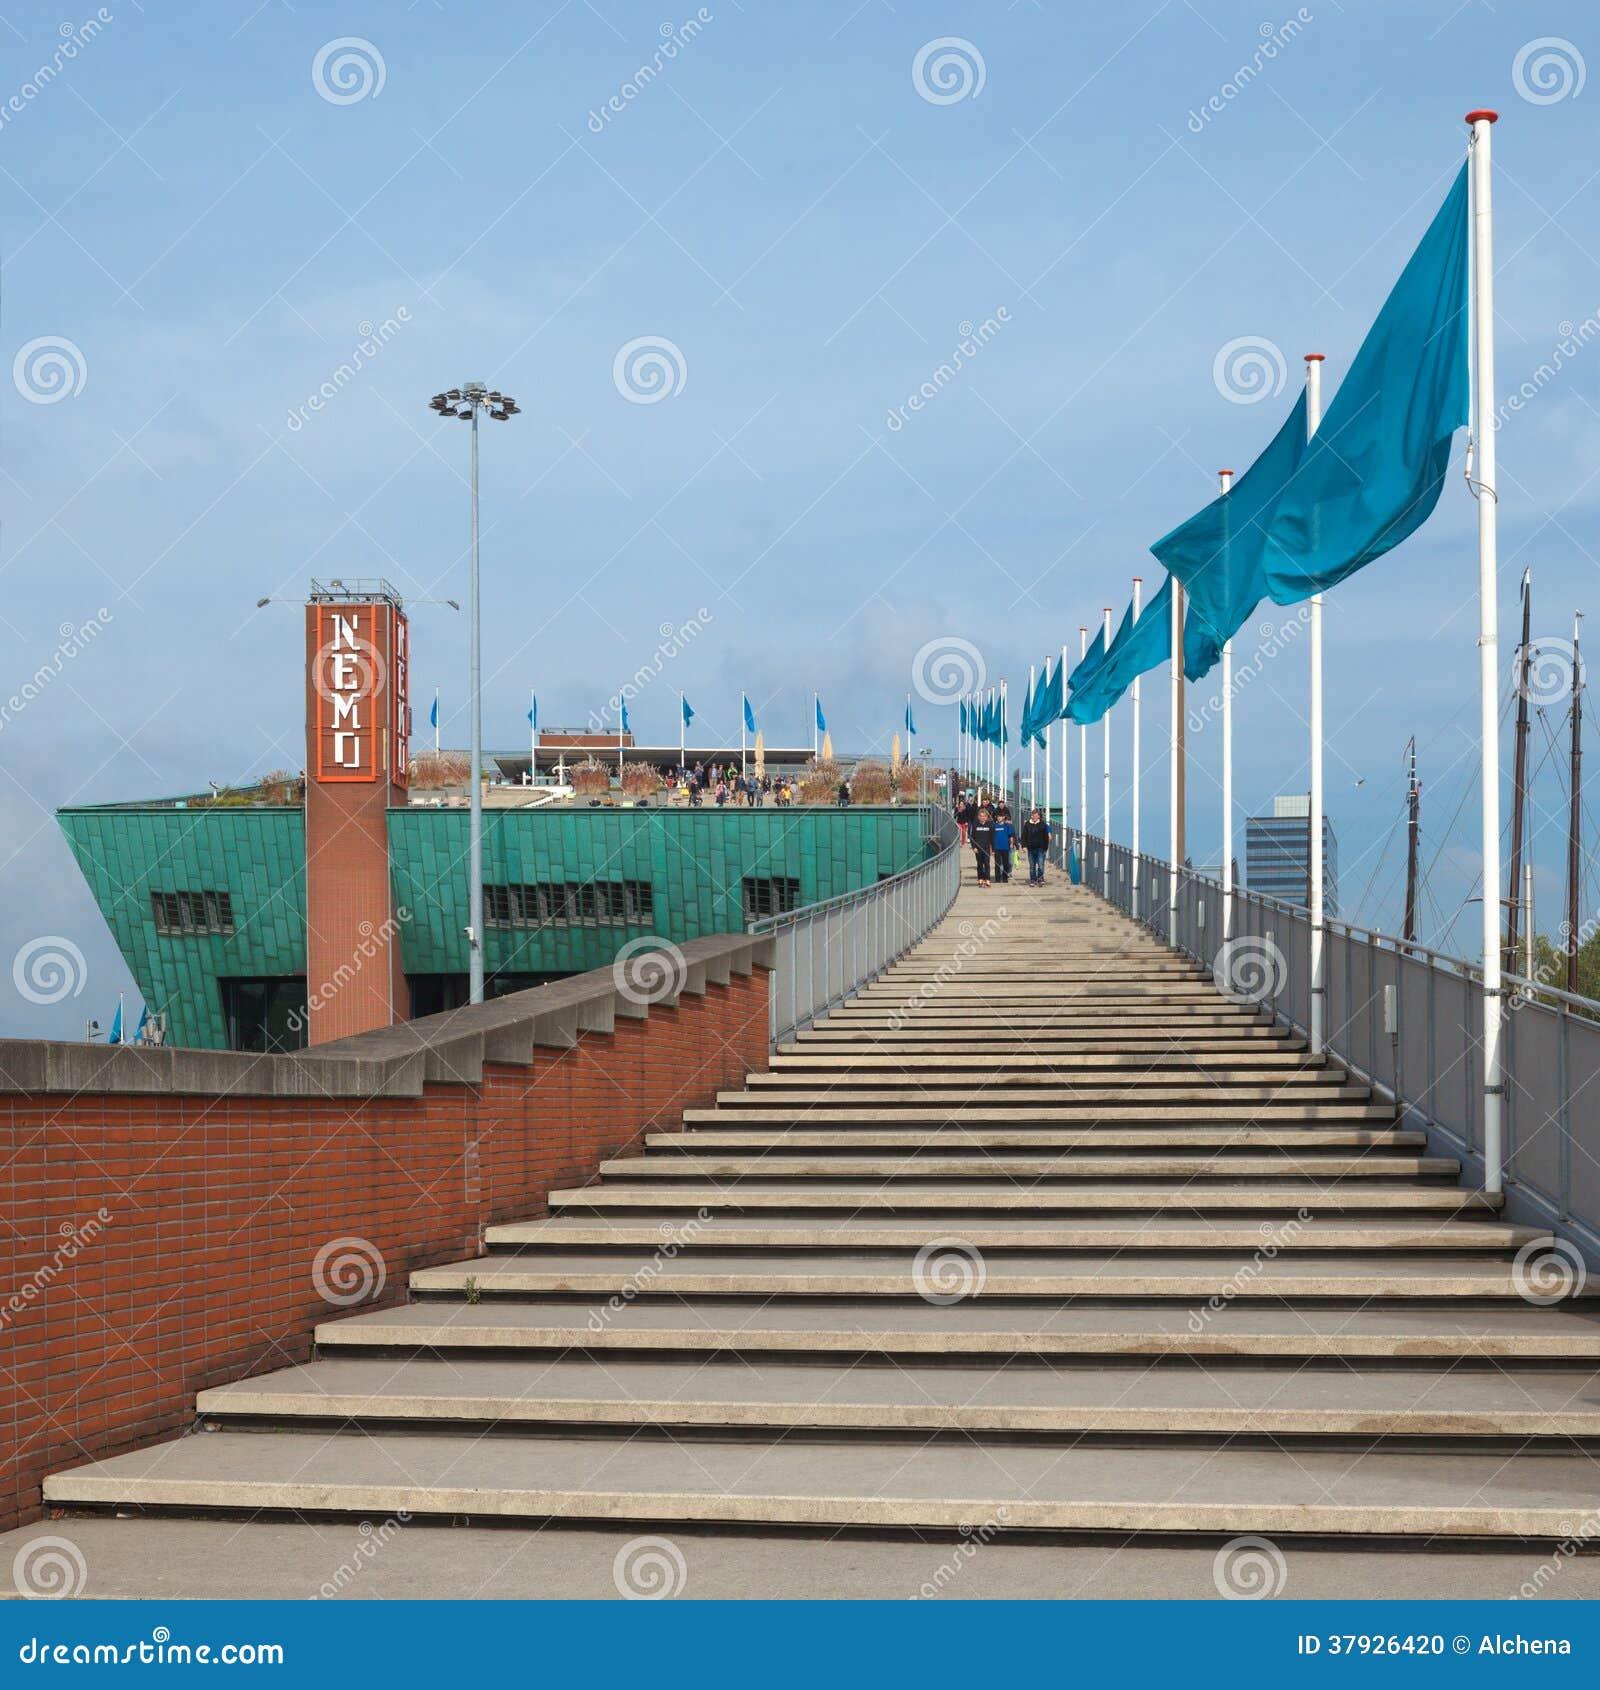 Het nemo museum terras in amsterdam nederland redactionele afbeelding afbeelding 37926420 - Foto van het terras ...